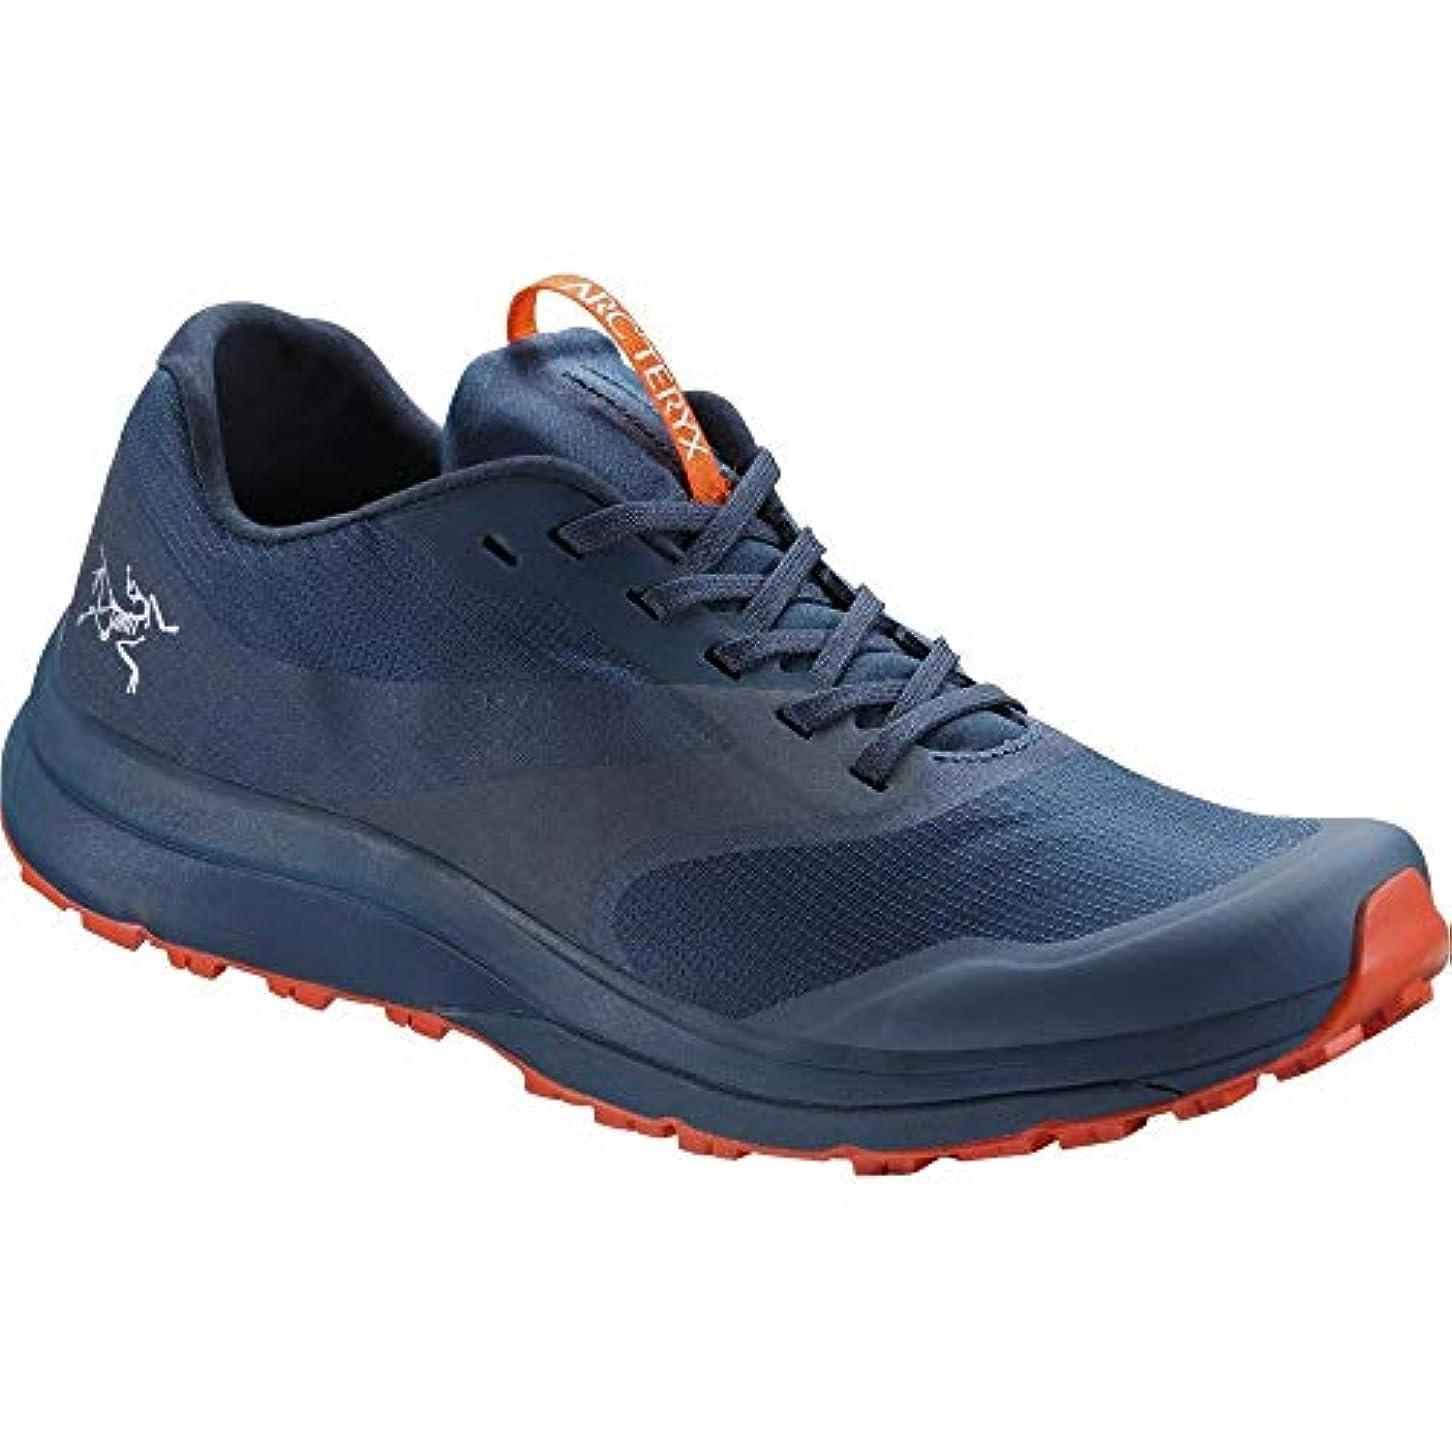 アロング炭素中に(アークテリクス) Arc'teryx メンズ ランニング?ウォーキング シューズ?靴 Norvan LD Trail-Running Shoes [並行輸入品]